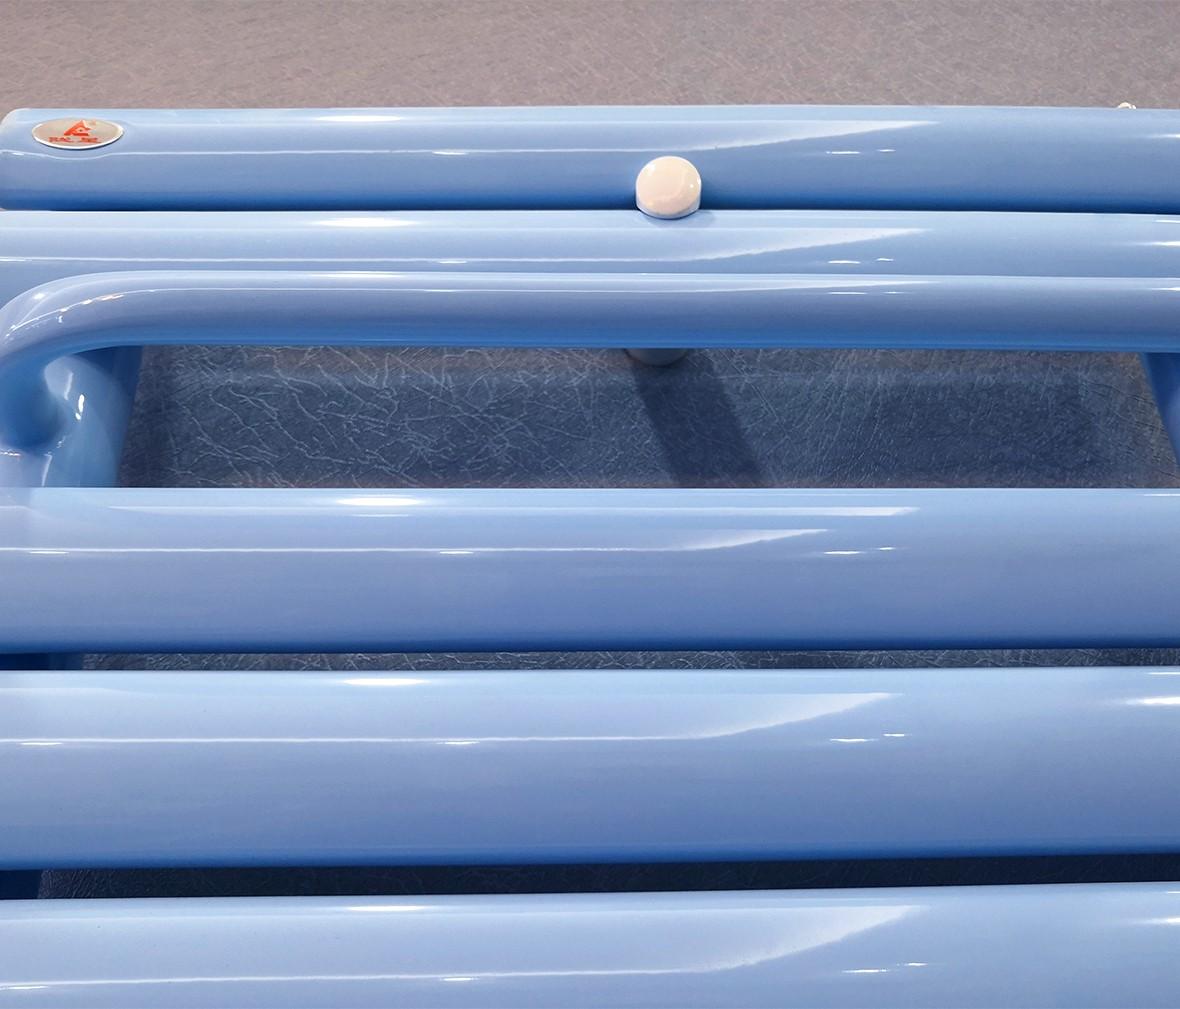 陇星散热器 钢制B型卫浴散热器 低碳钢材质卫生间散热器 图片、价格、品牌、评测样样齐全!【蓝景商城正品行货,蓝景丽家大钟寺家居广场提货,北京地区配送,领券更优惠,线上线下同品同价,立即购买享受更多优惠哦!】